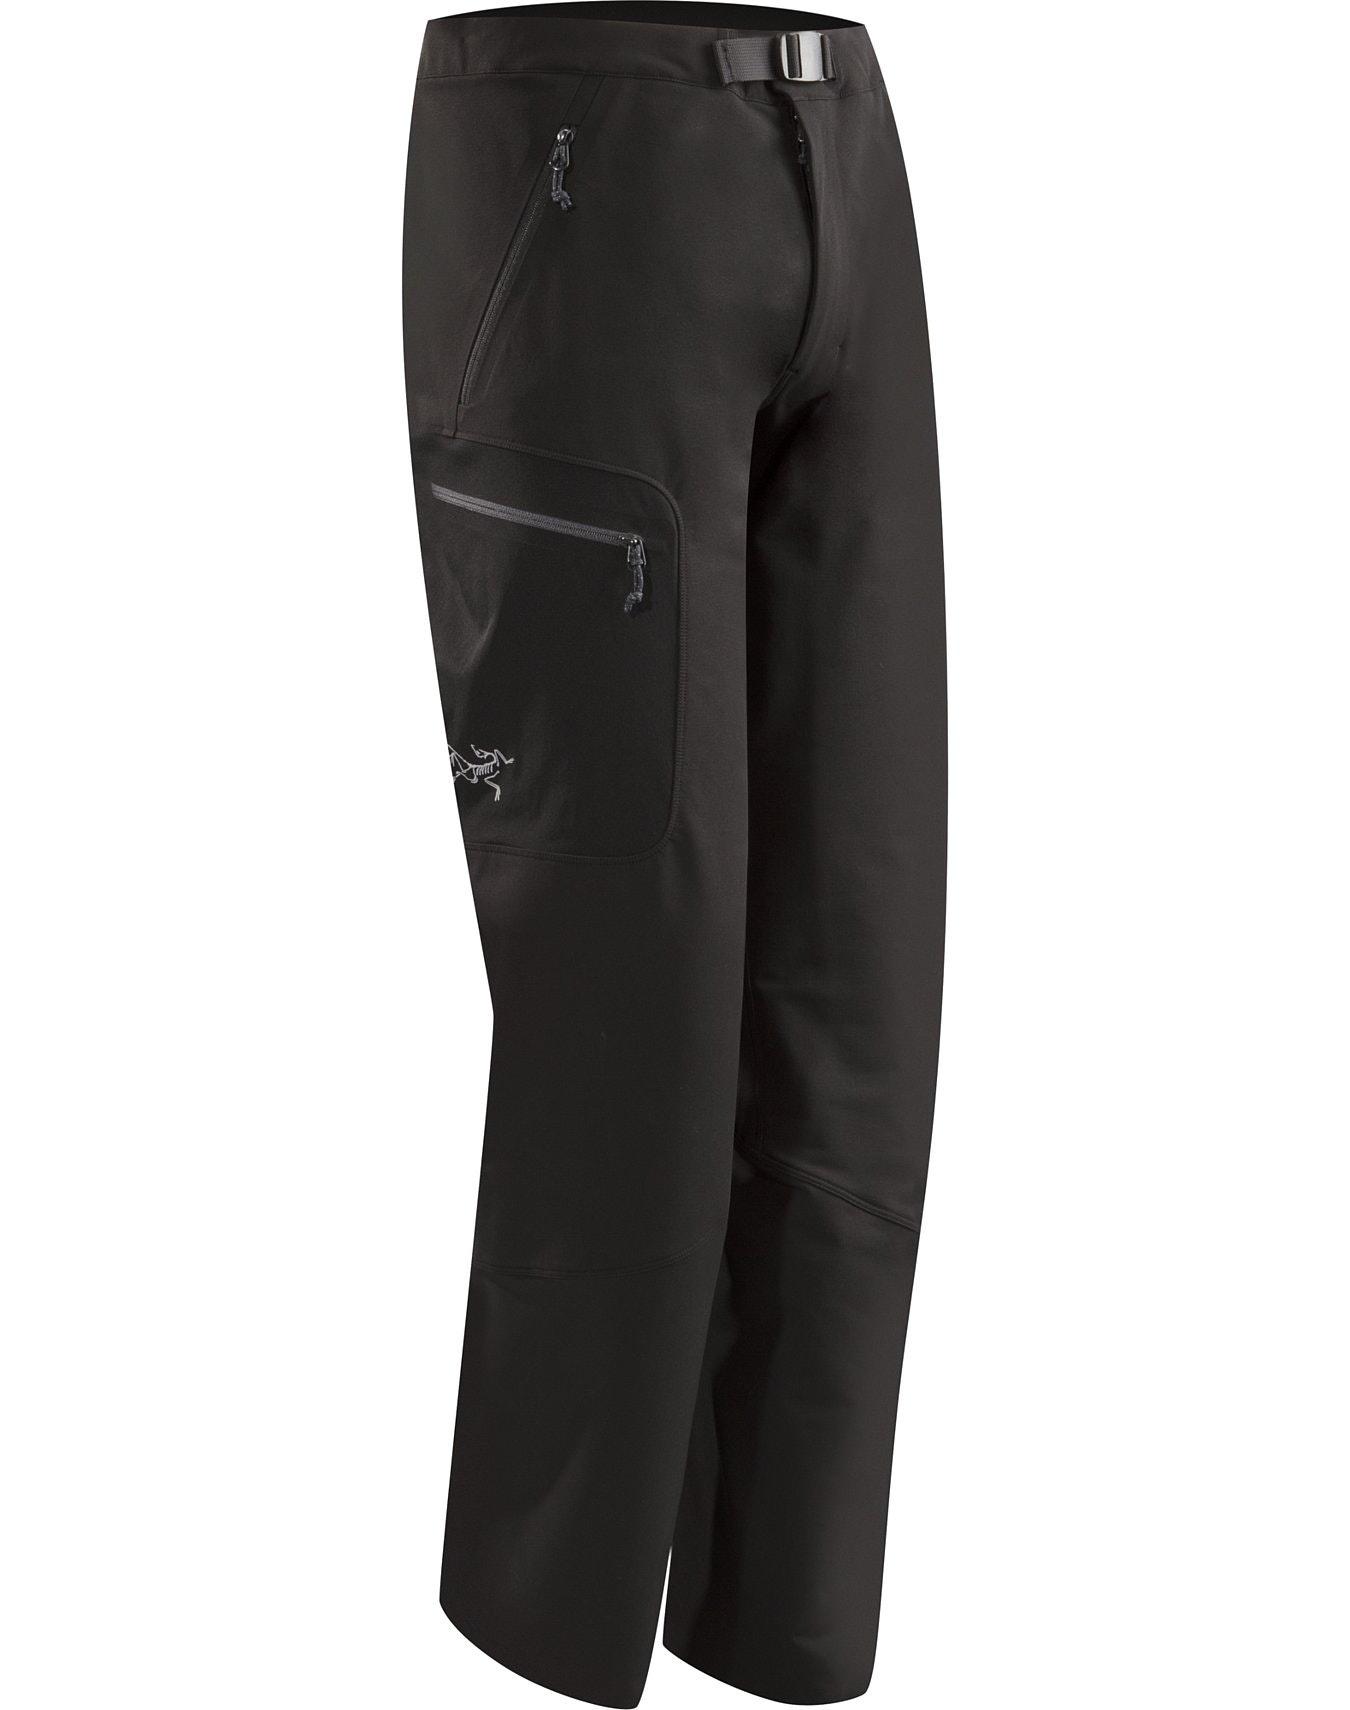 Arcteryx Men's Gamma AR Pant